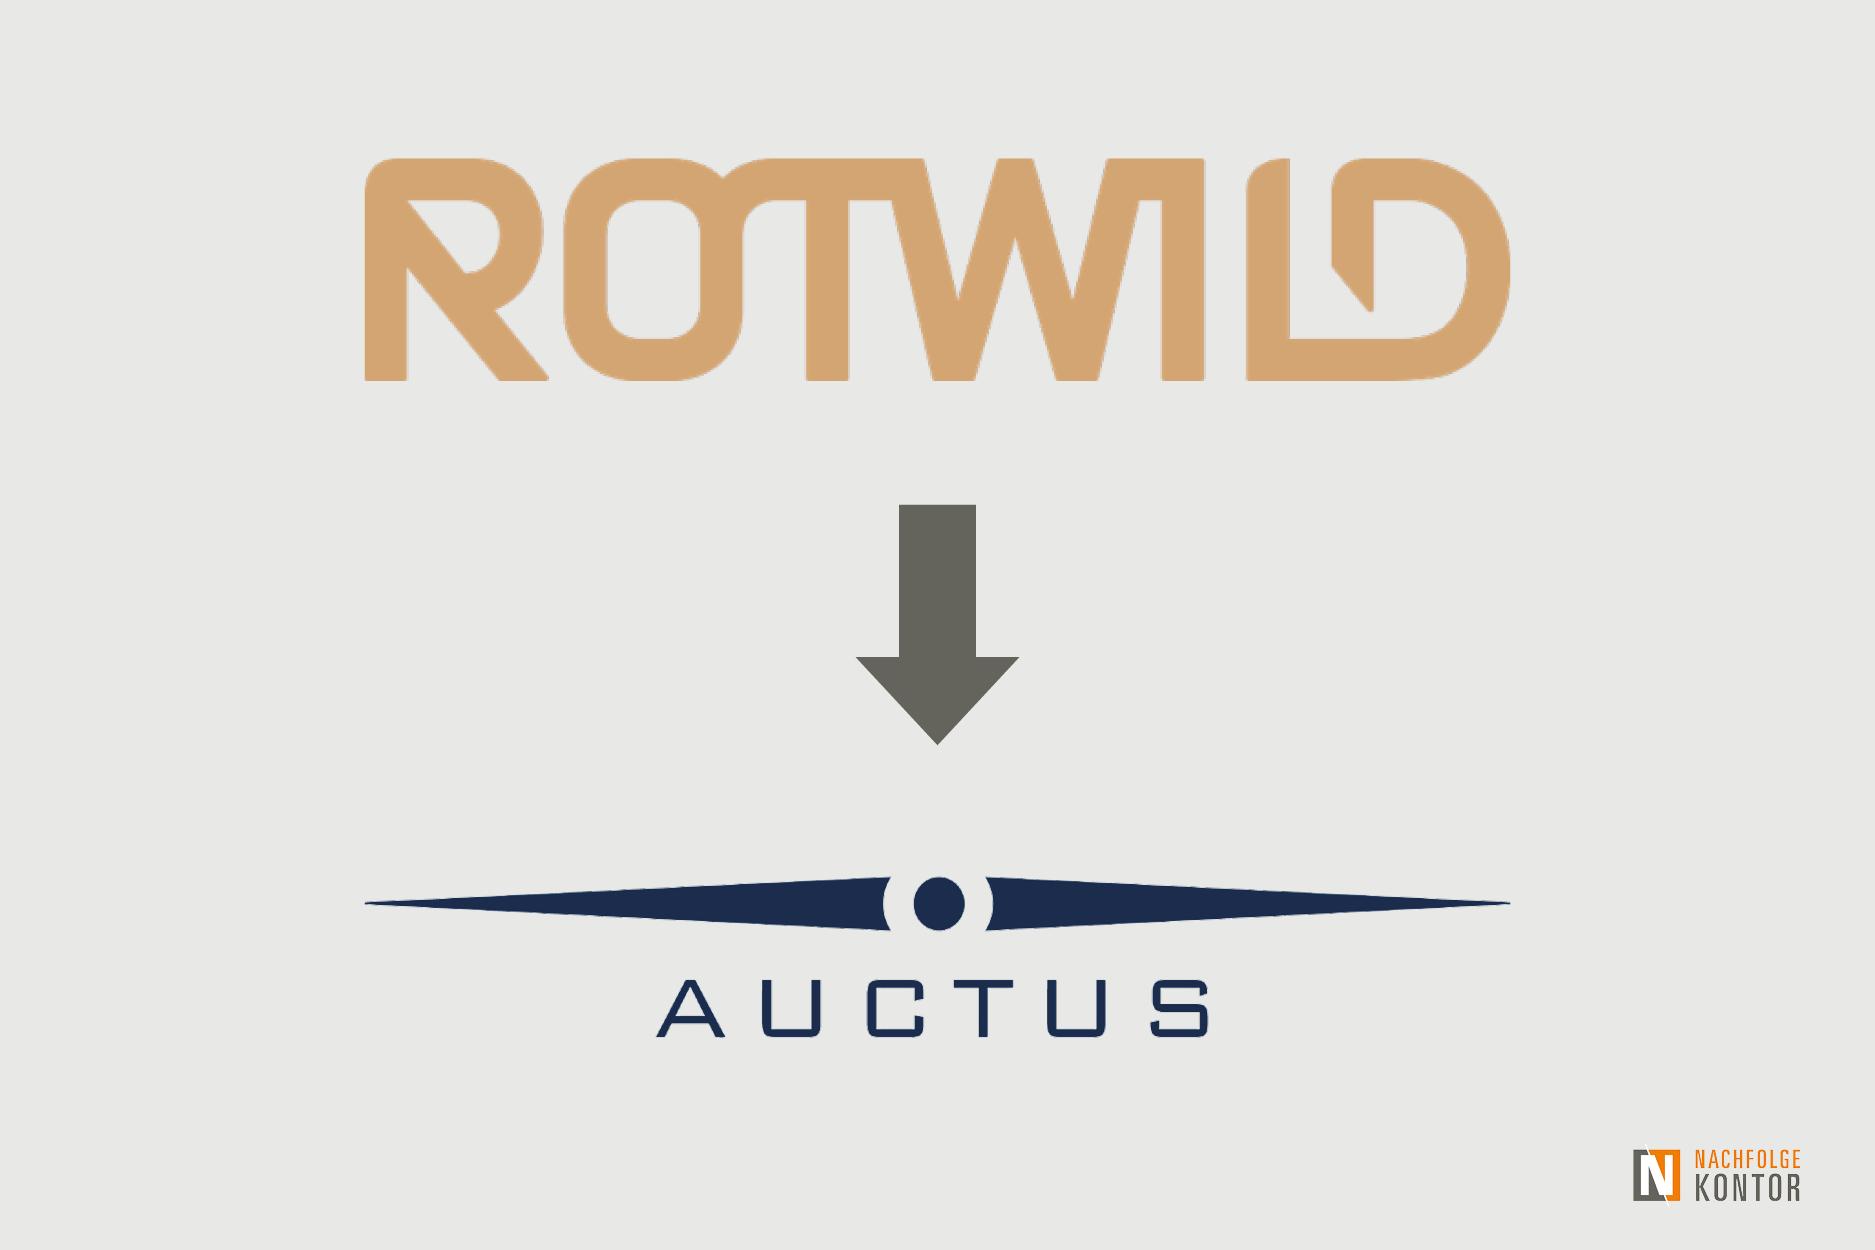 Nachfolgekontor begleitet den Verkauf der Agentur Rotwild